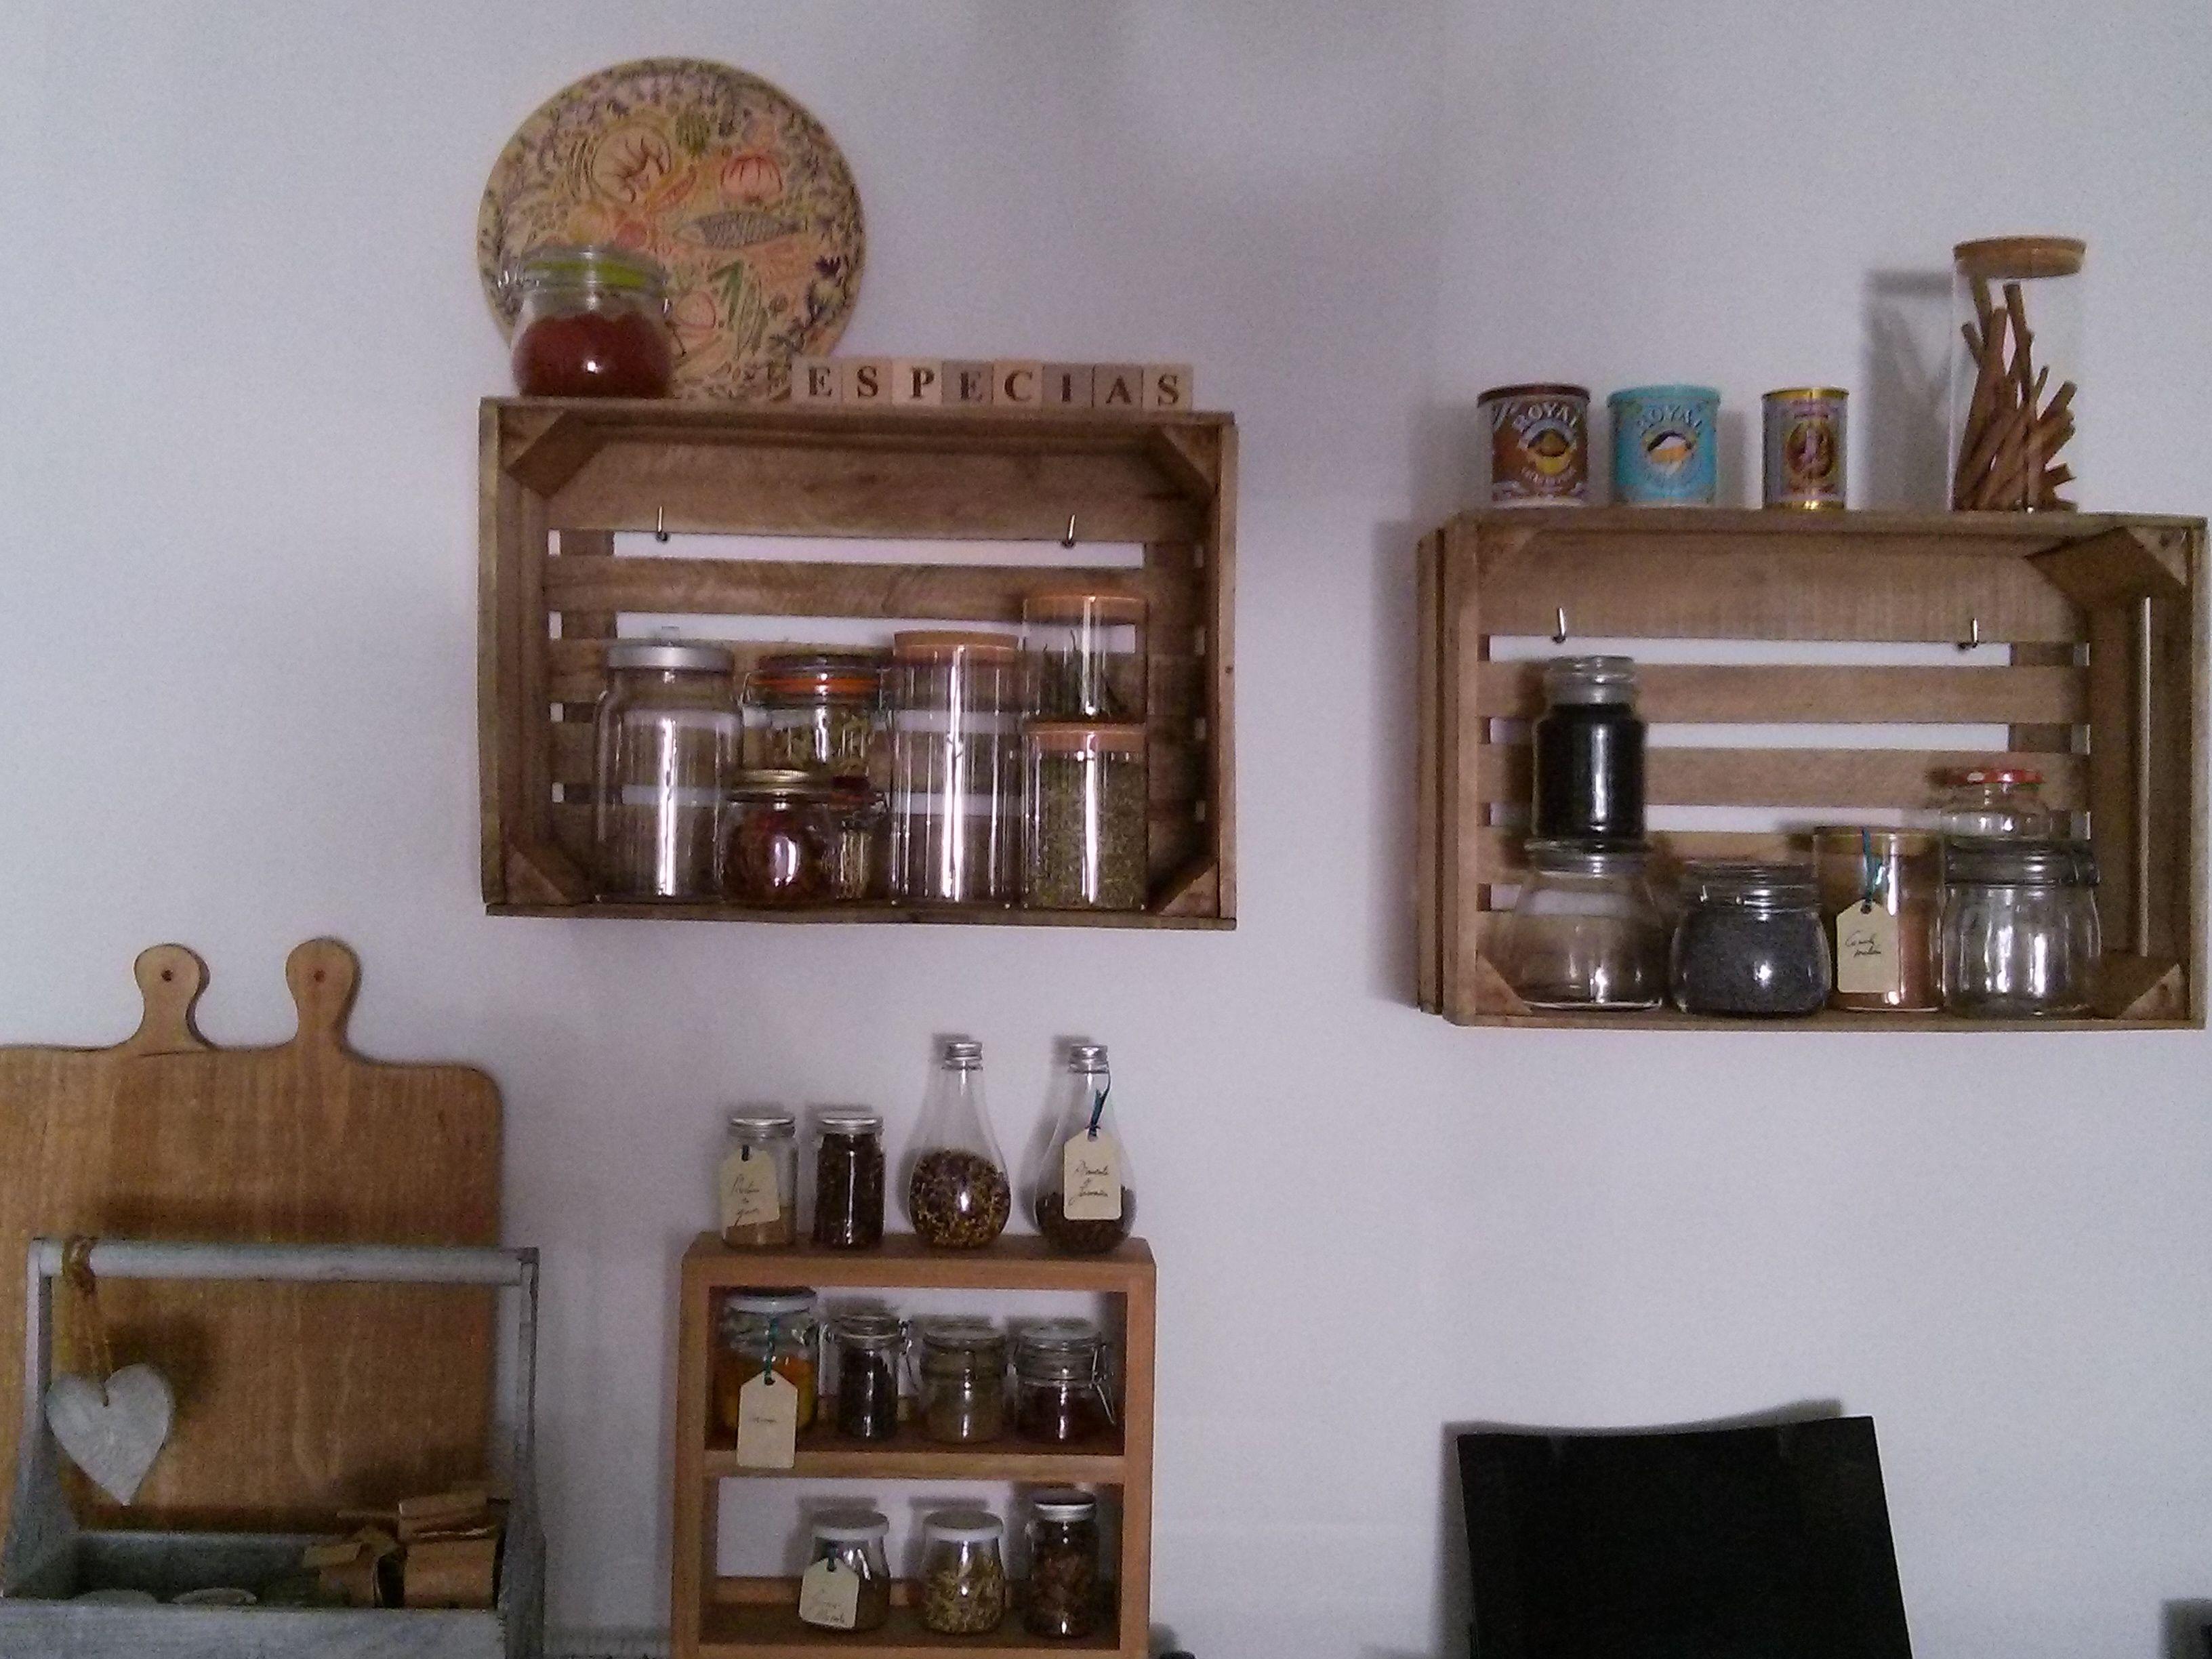 Boxes As Shelves Diy Home Pinterest Cocinas # Muebles De Cocina Hazlo Tu Mismo